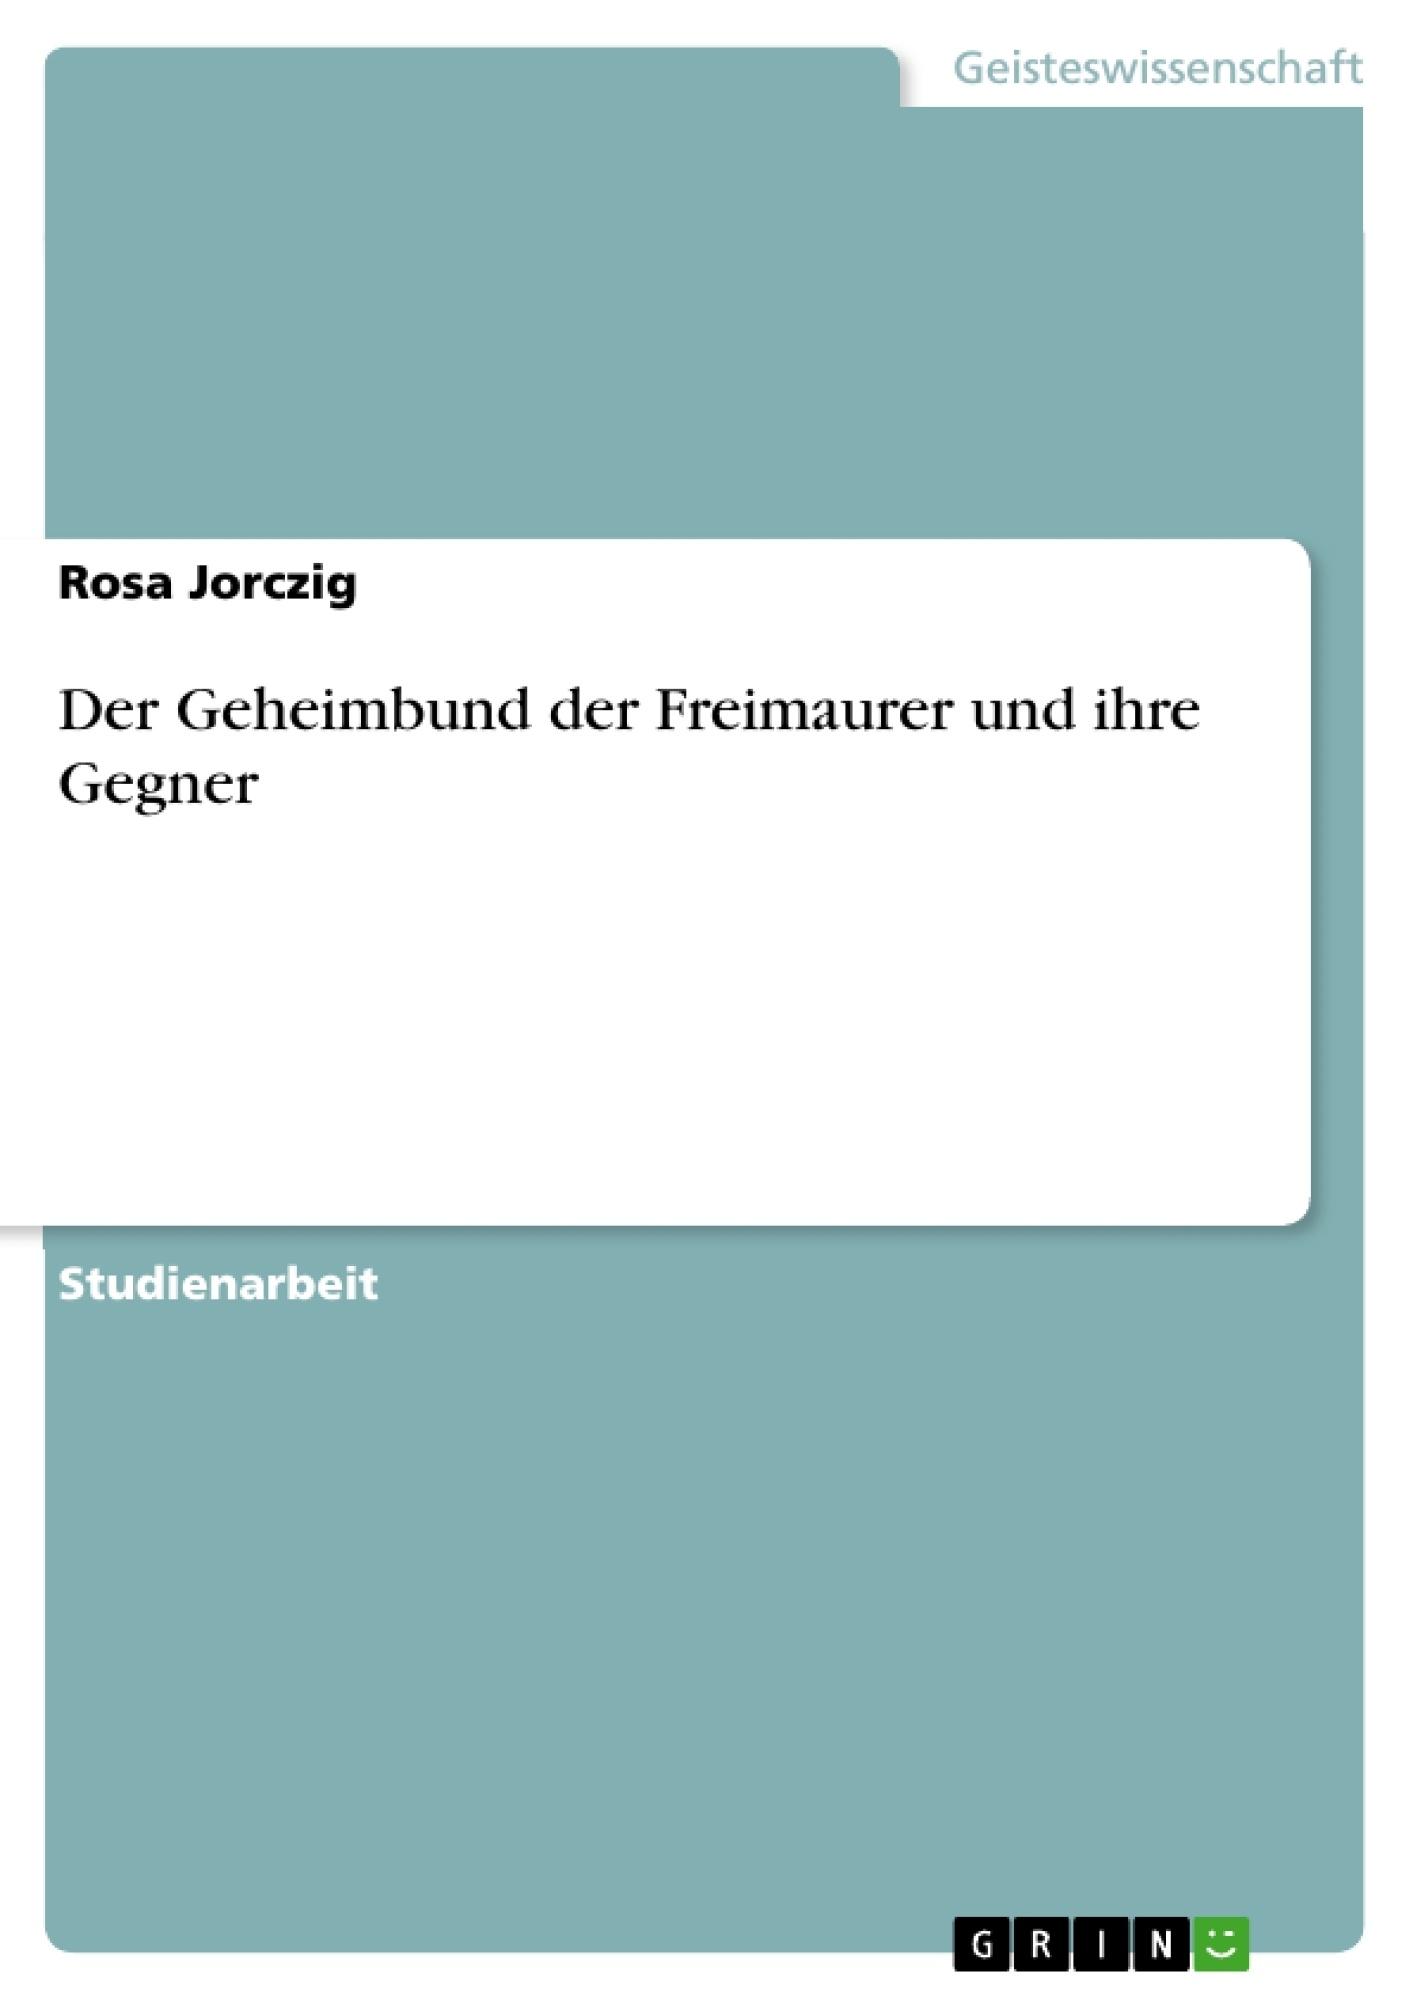 Titel: Der Geheimbund der Freimaurer und ihre Gegner